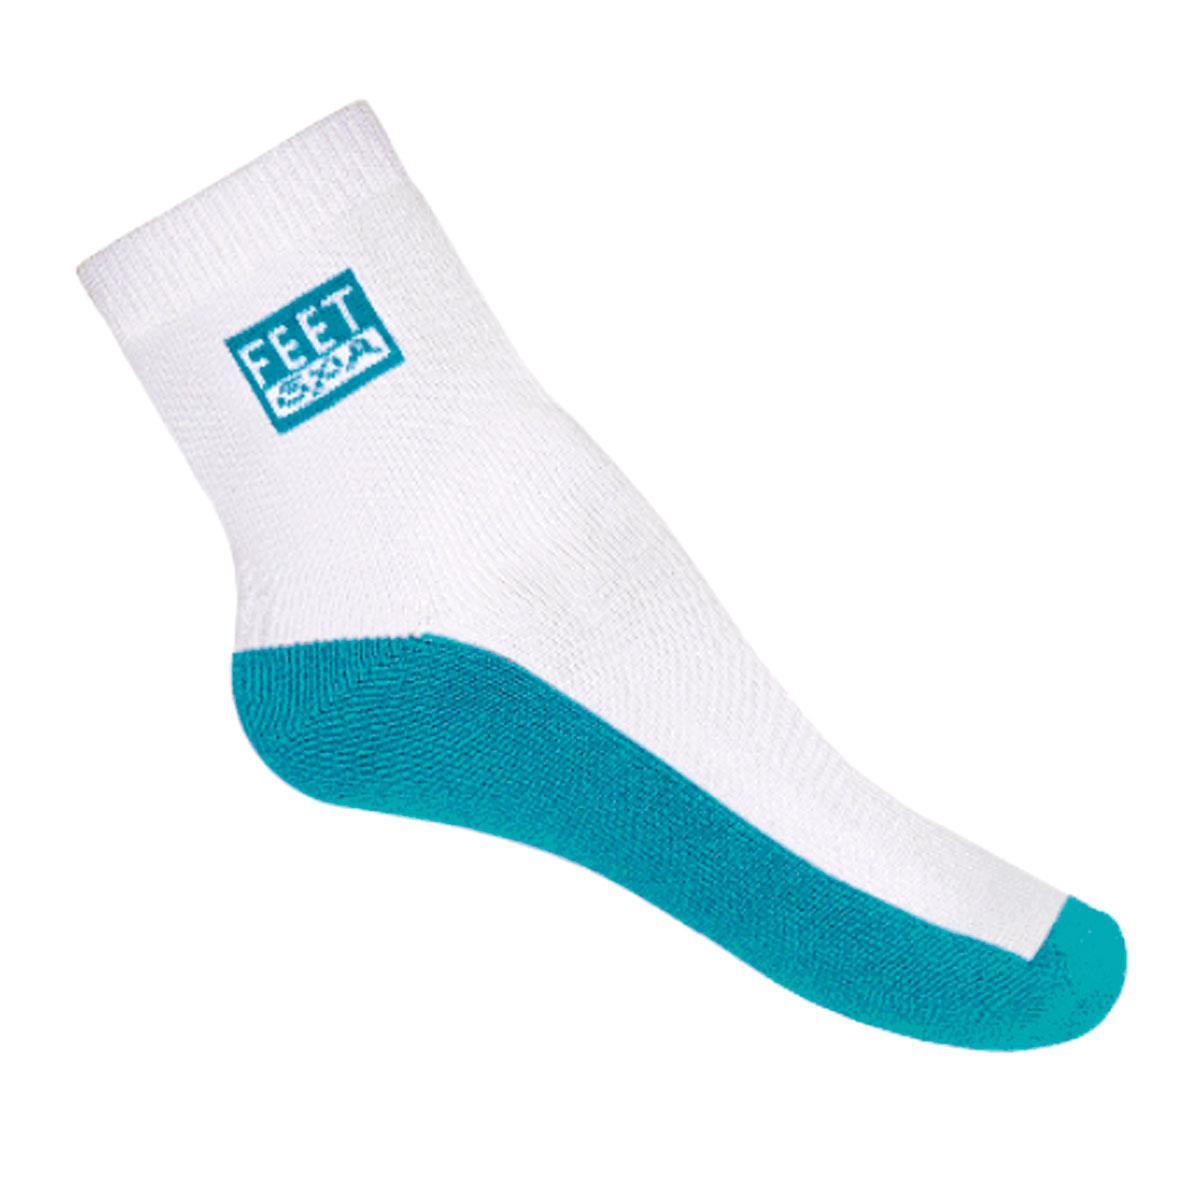 Meias Esportivas Antibolhas Tradicional - Feet Spa